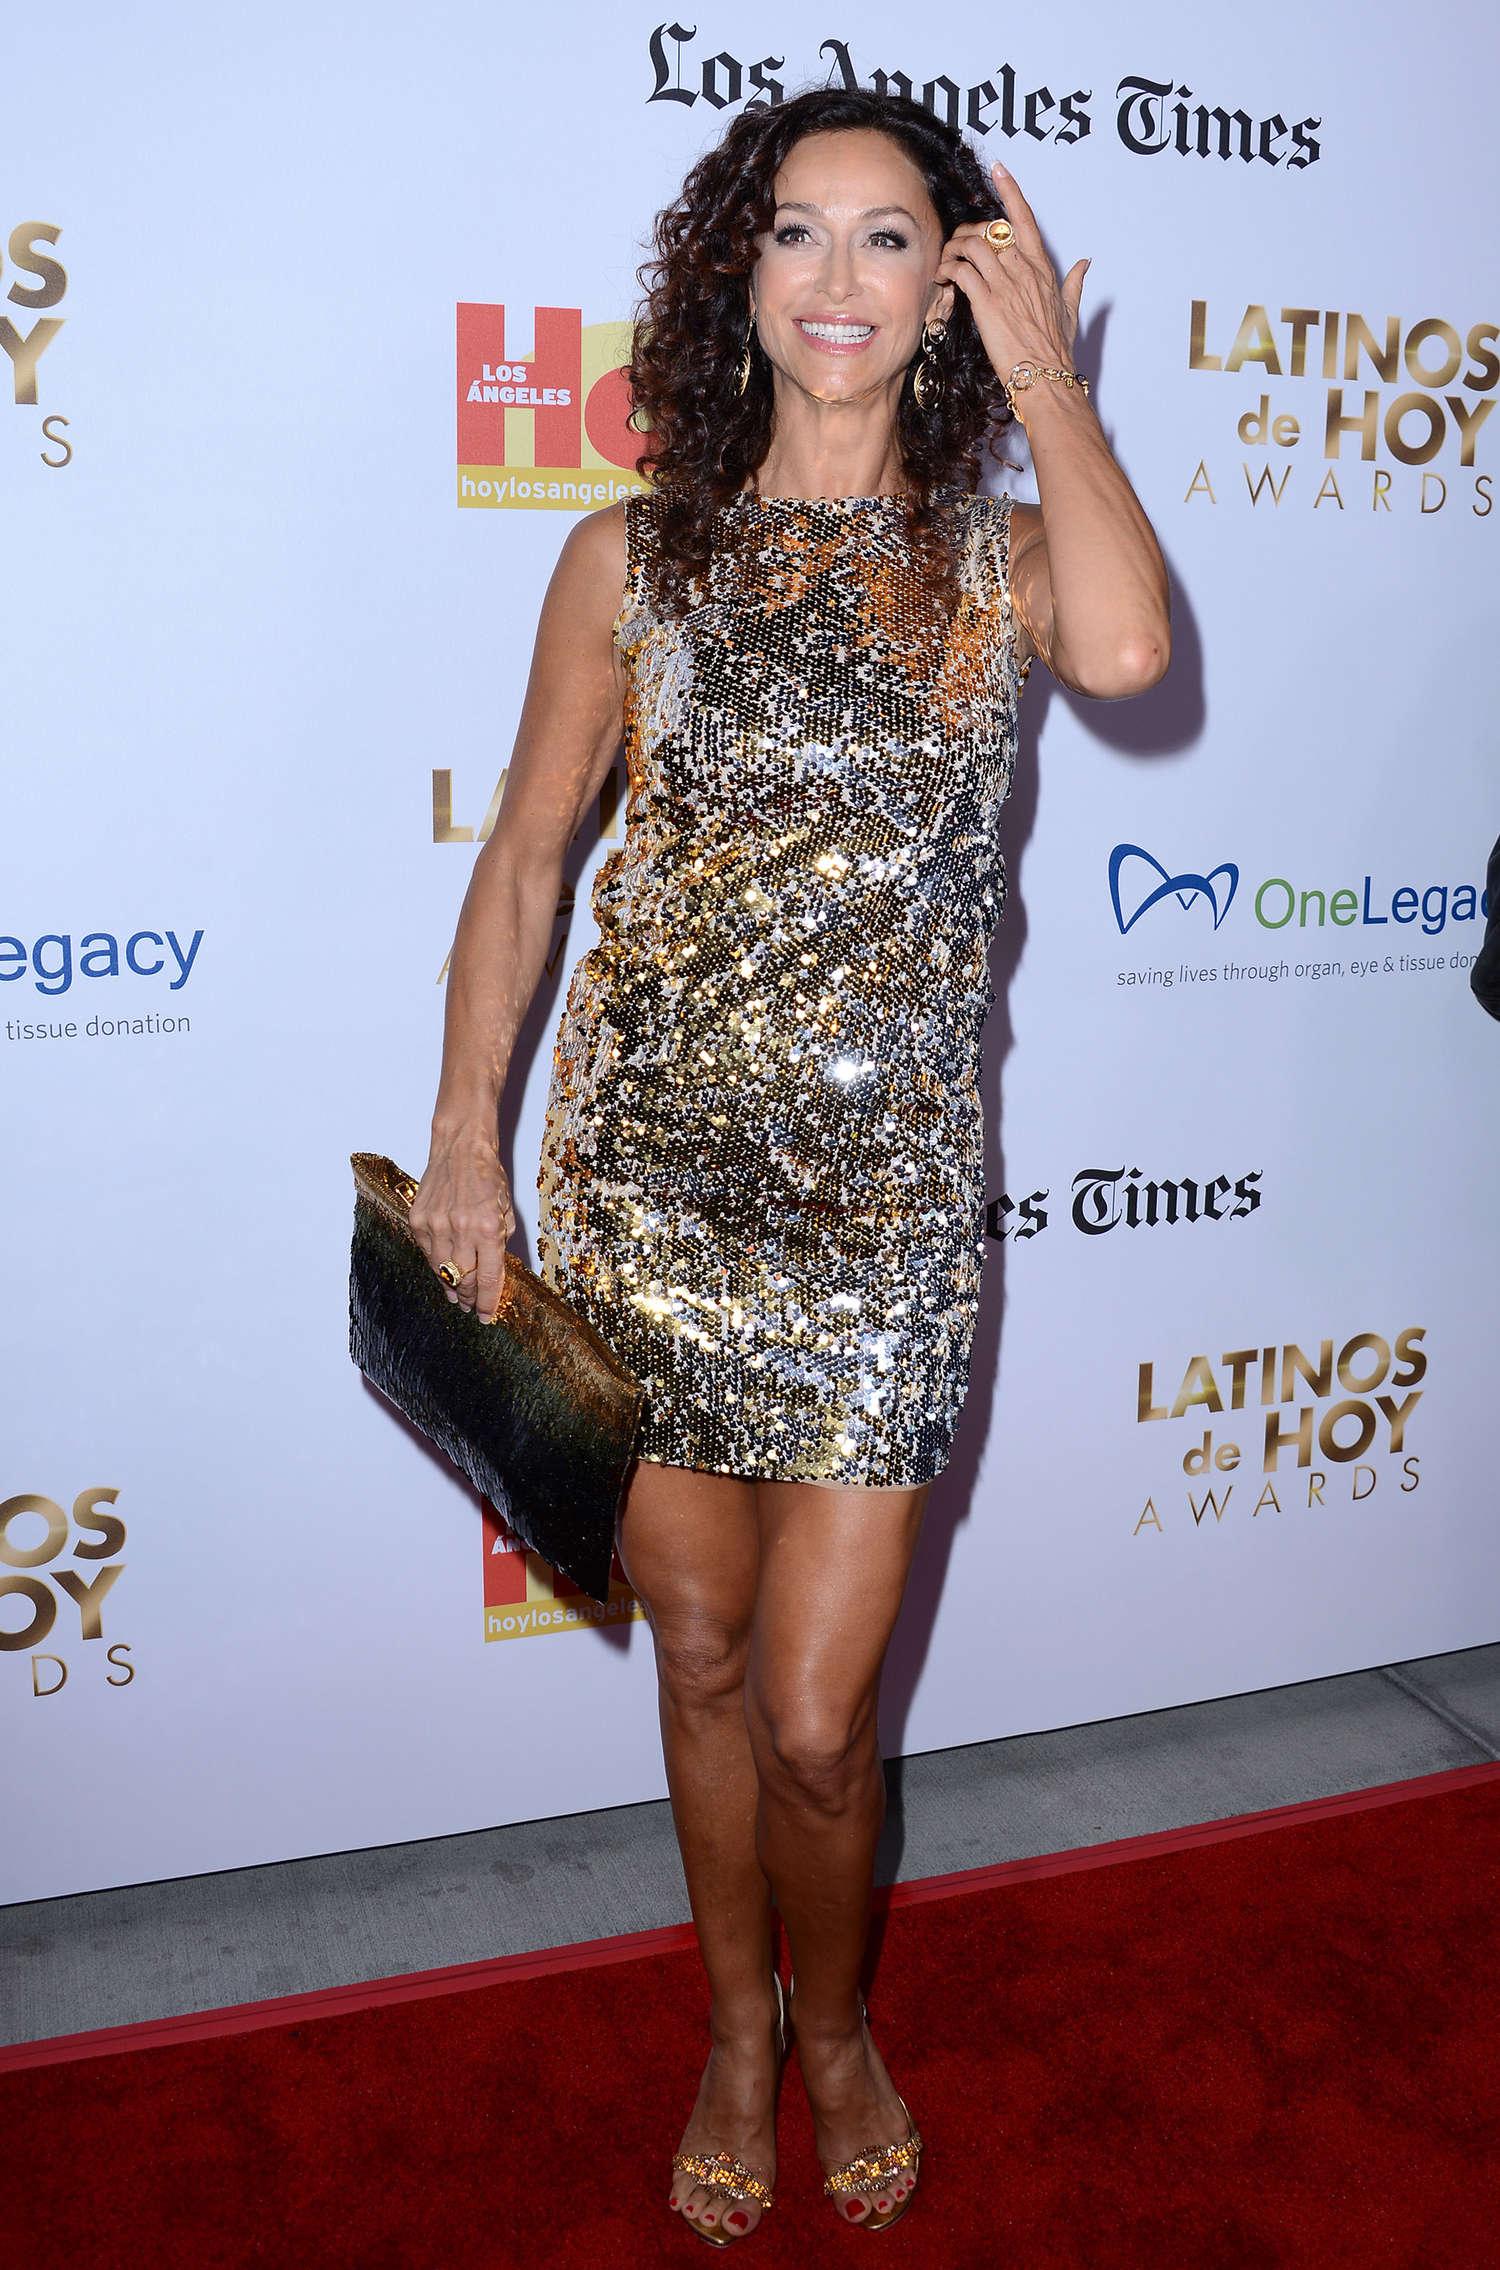 Sofia Milos 2013 : Sofia Milos: Latinos de Hoy Awards 2013 -04